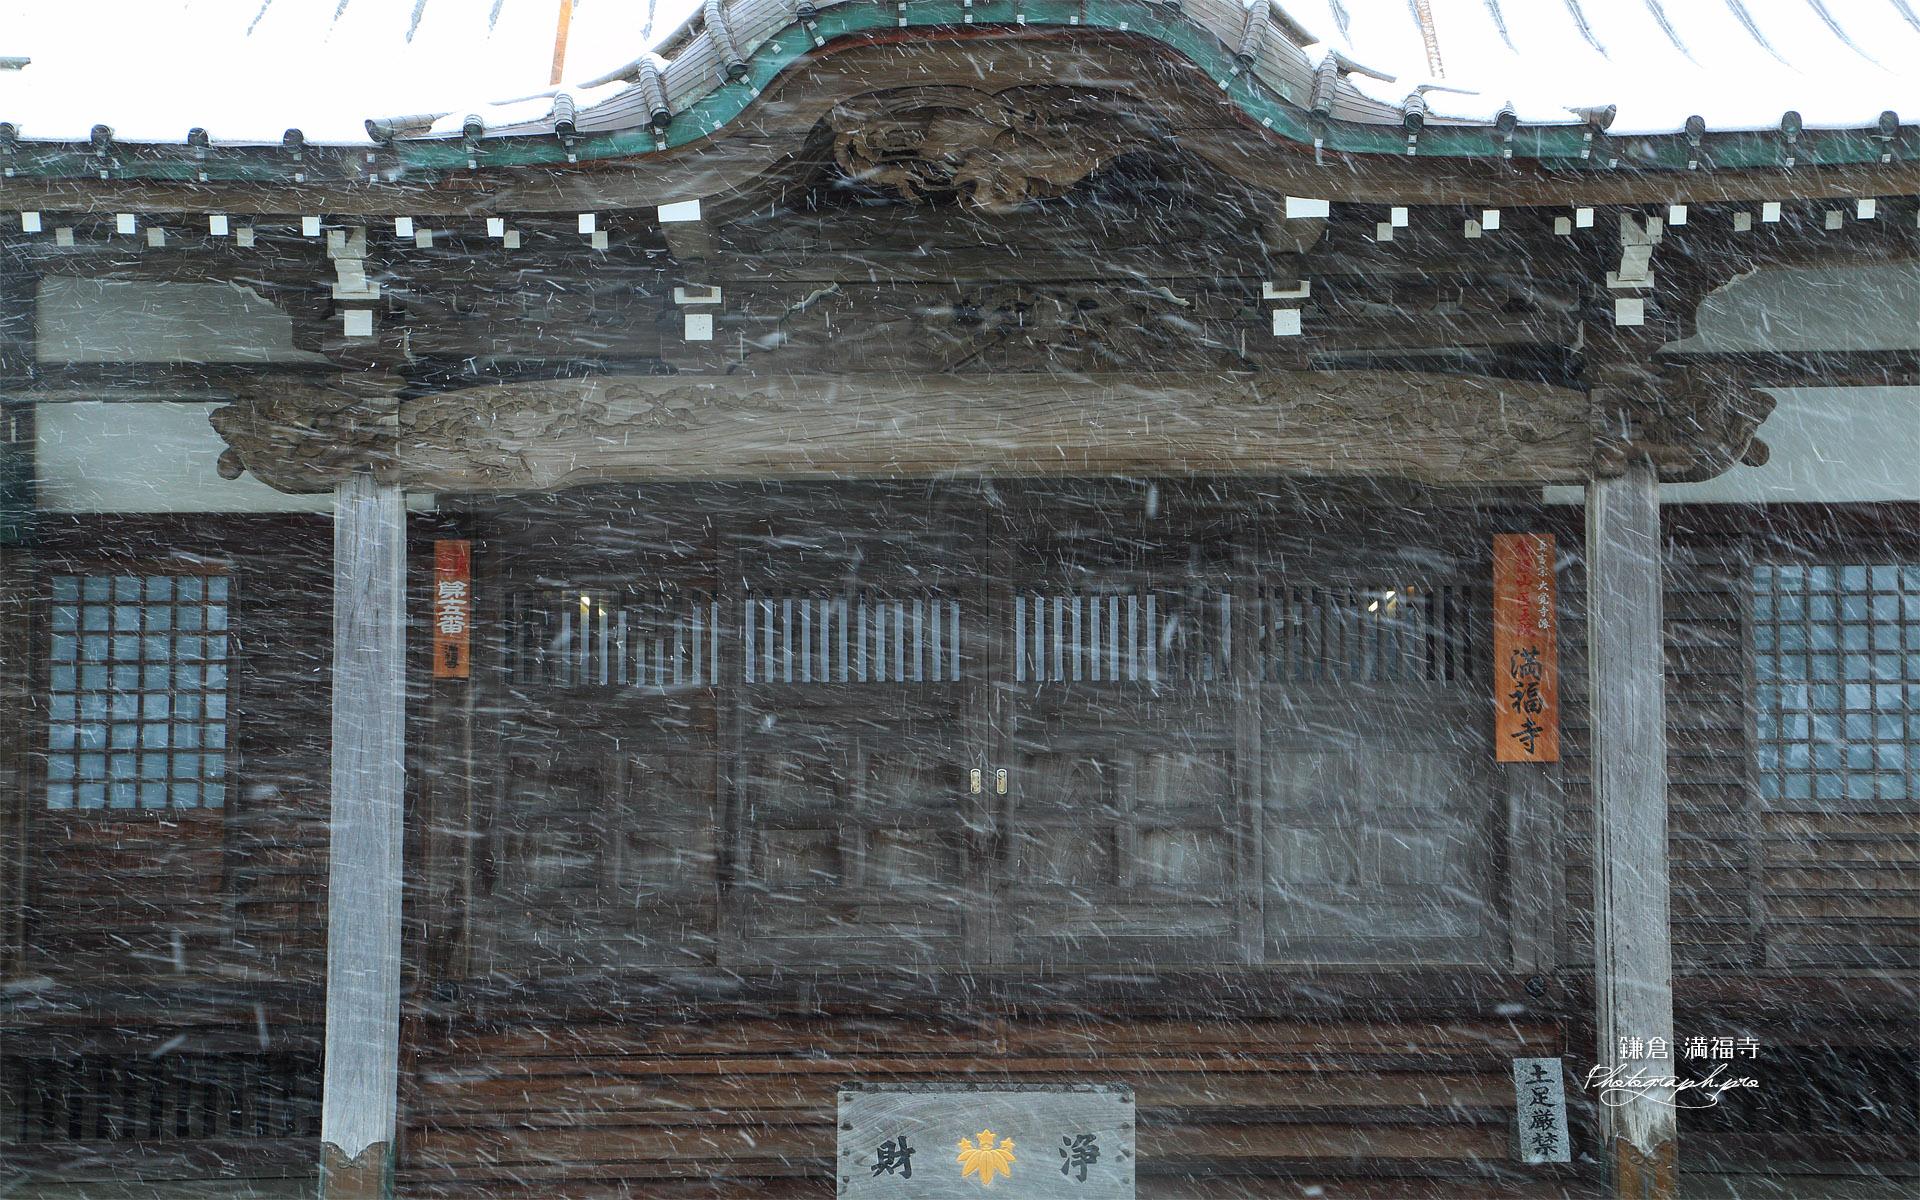 満福寺 雪舞う本堂